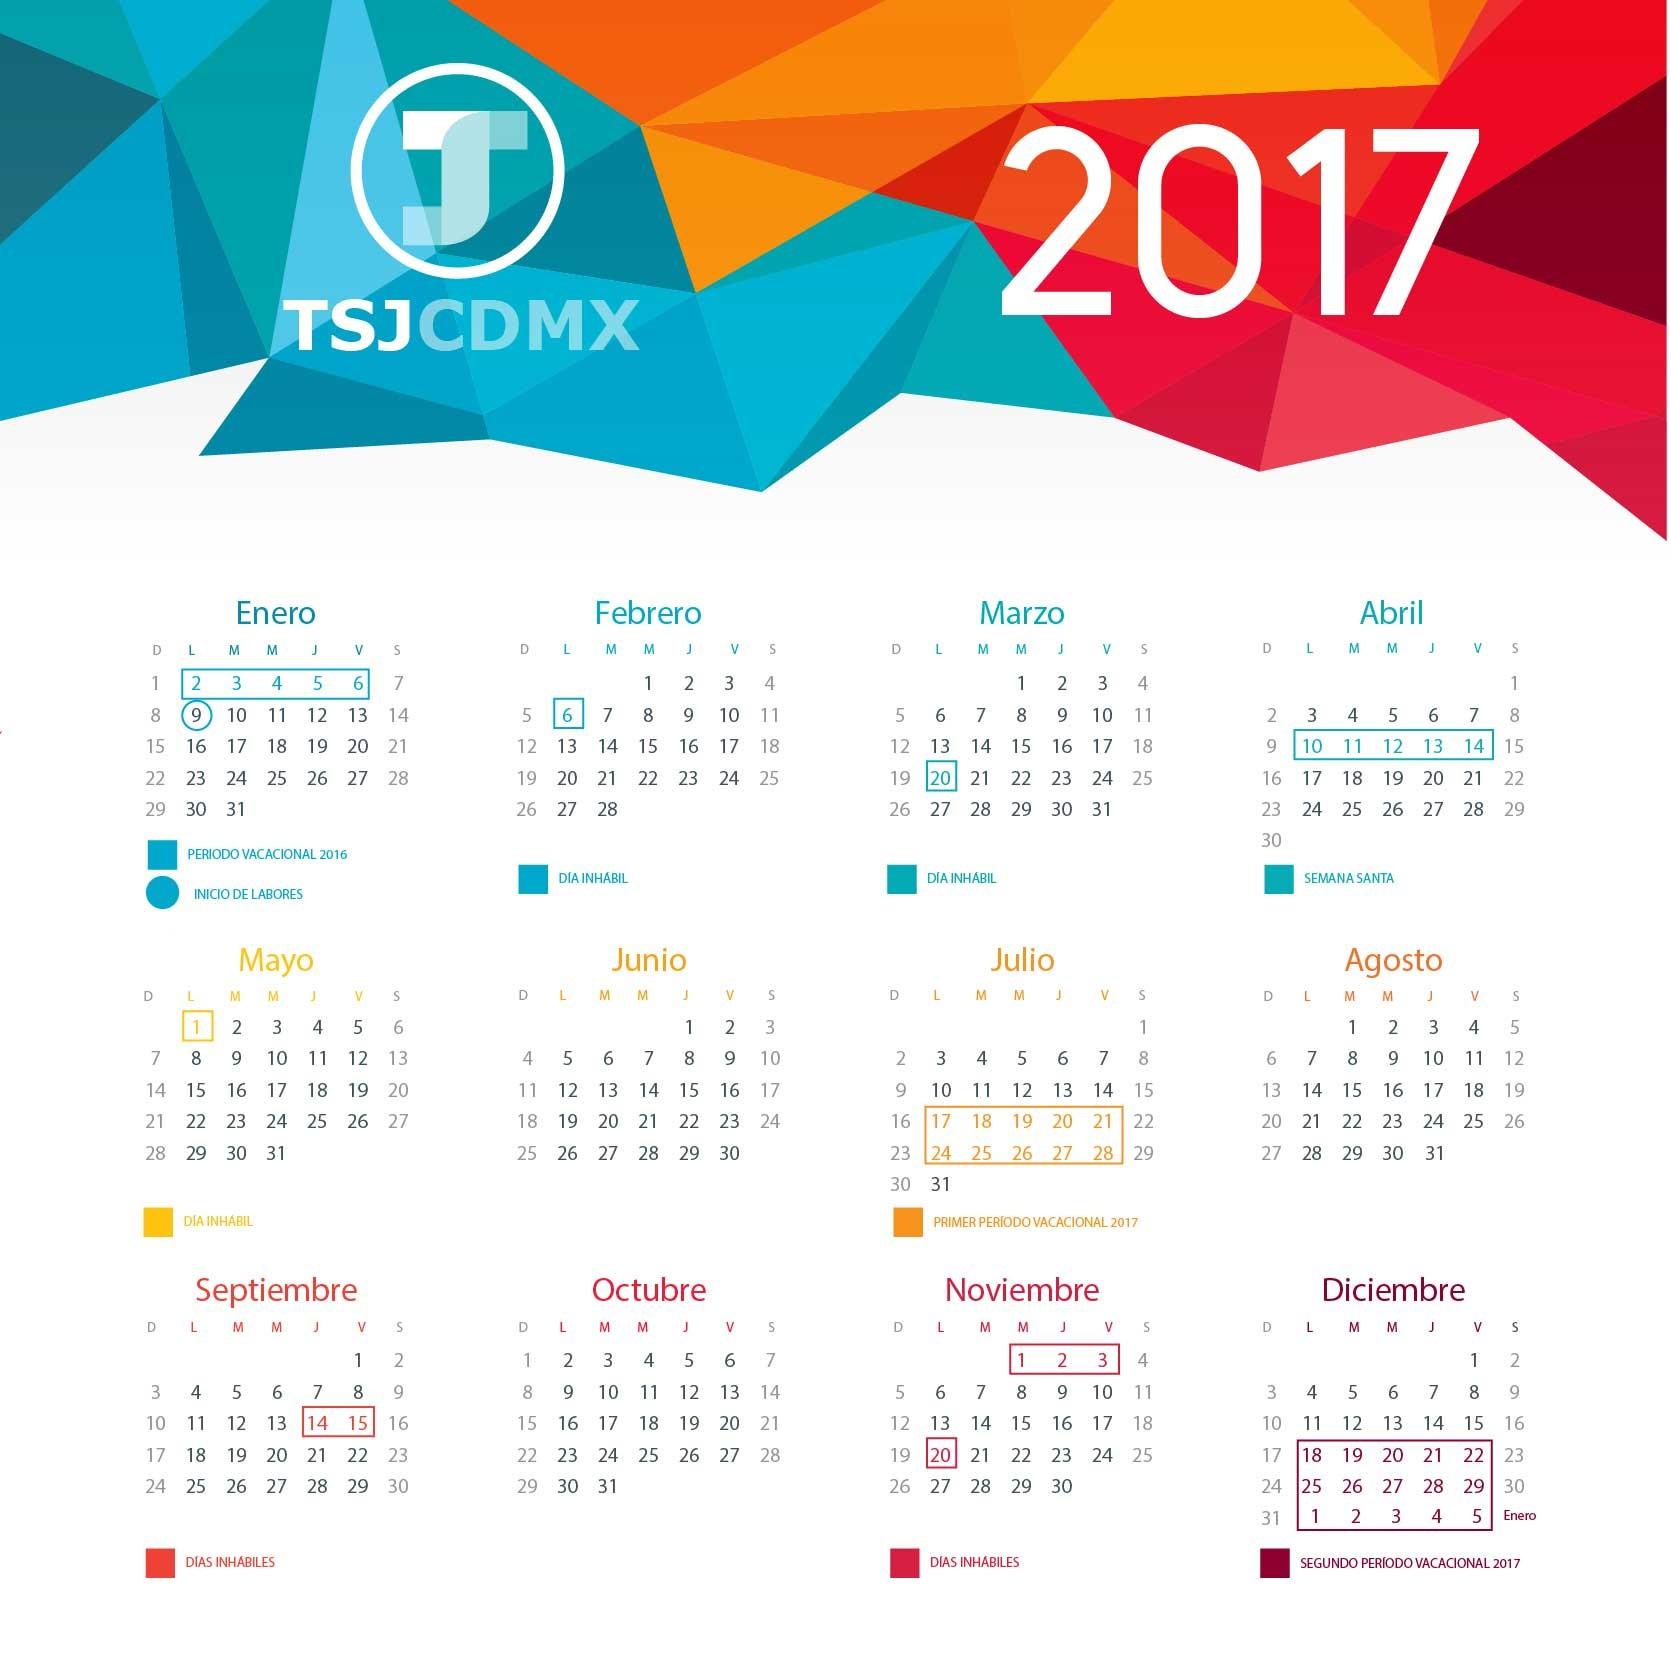 Calendario De Festivos 2019 Mexico Más Recientes Calendarios – Poder Judicial Cdmx